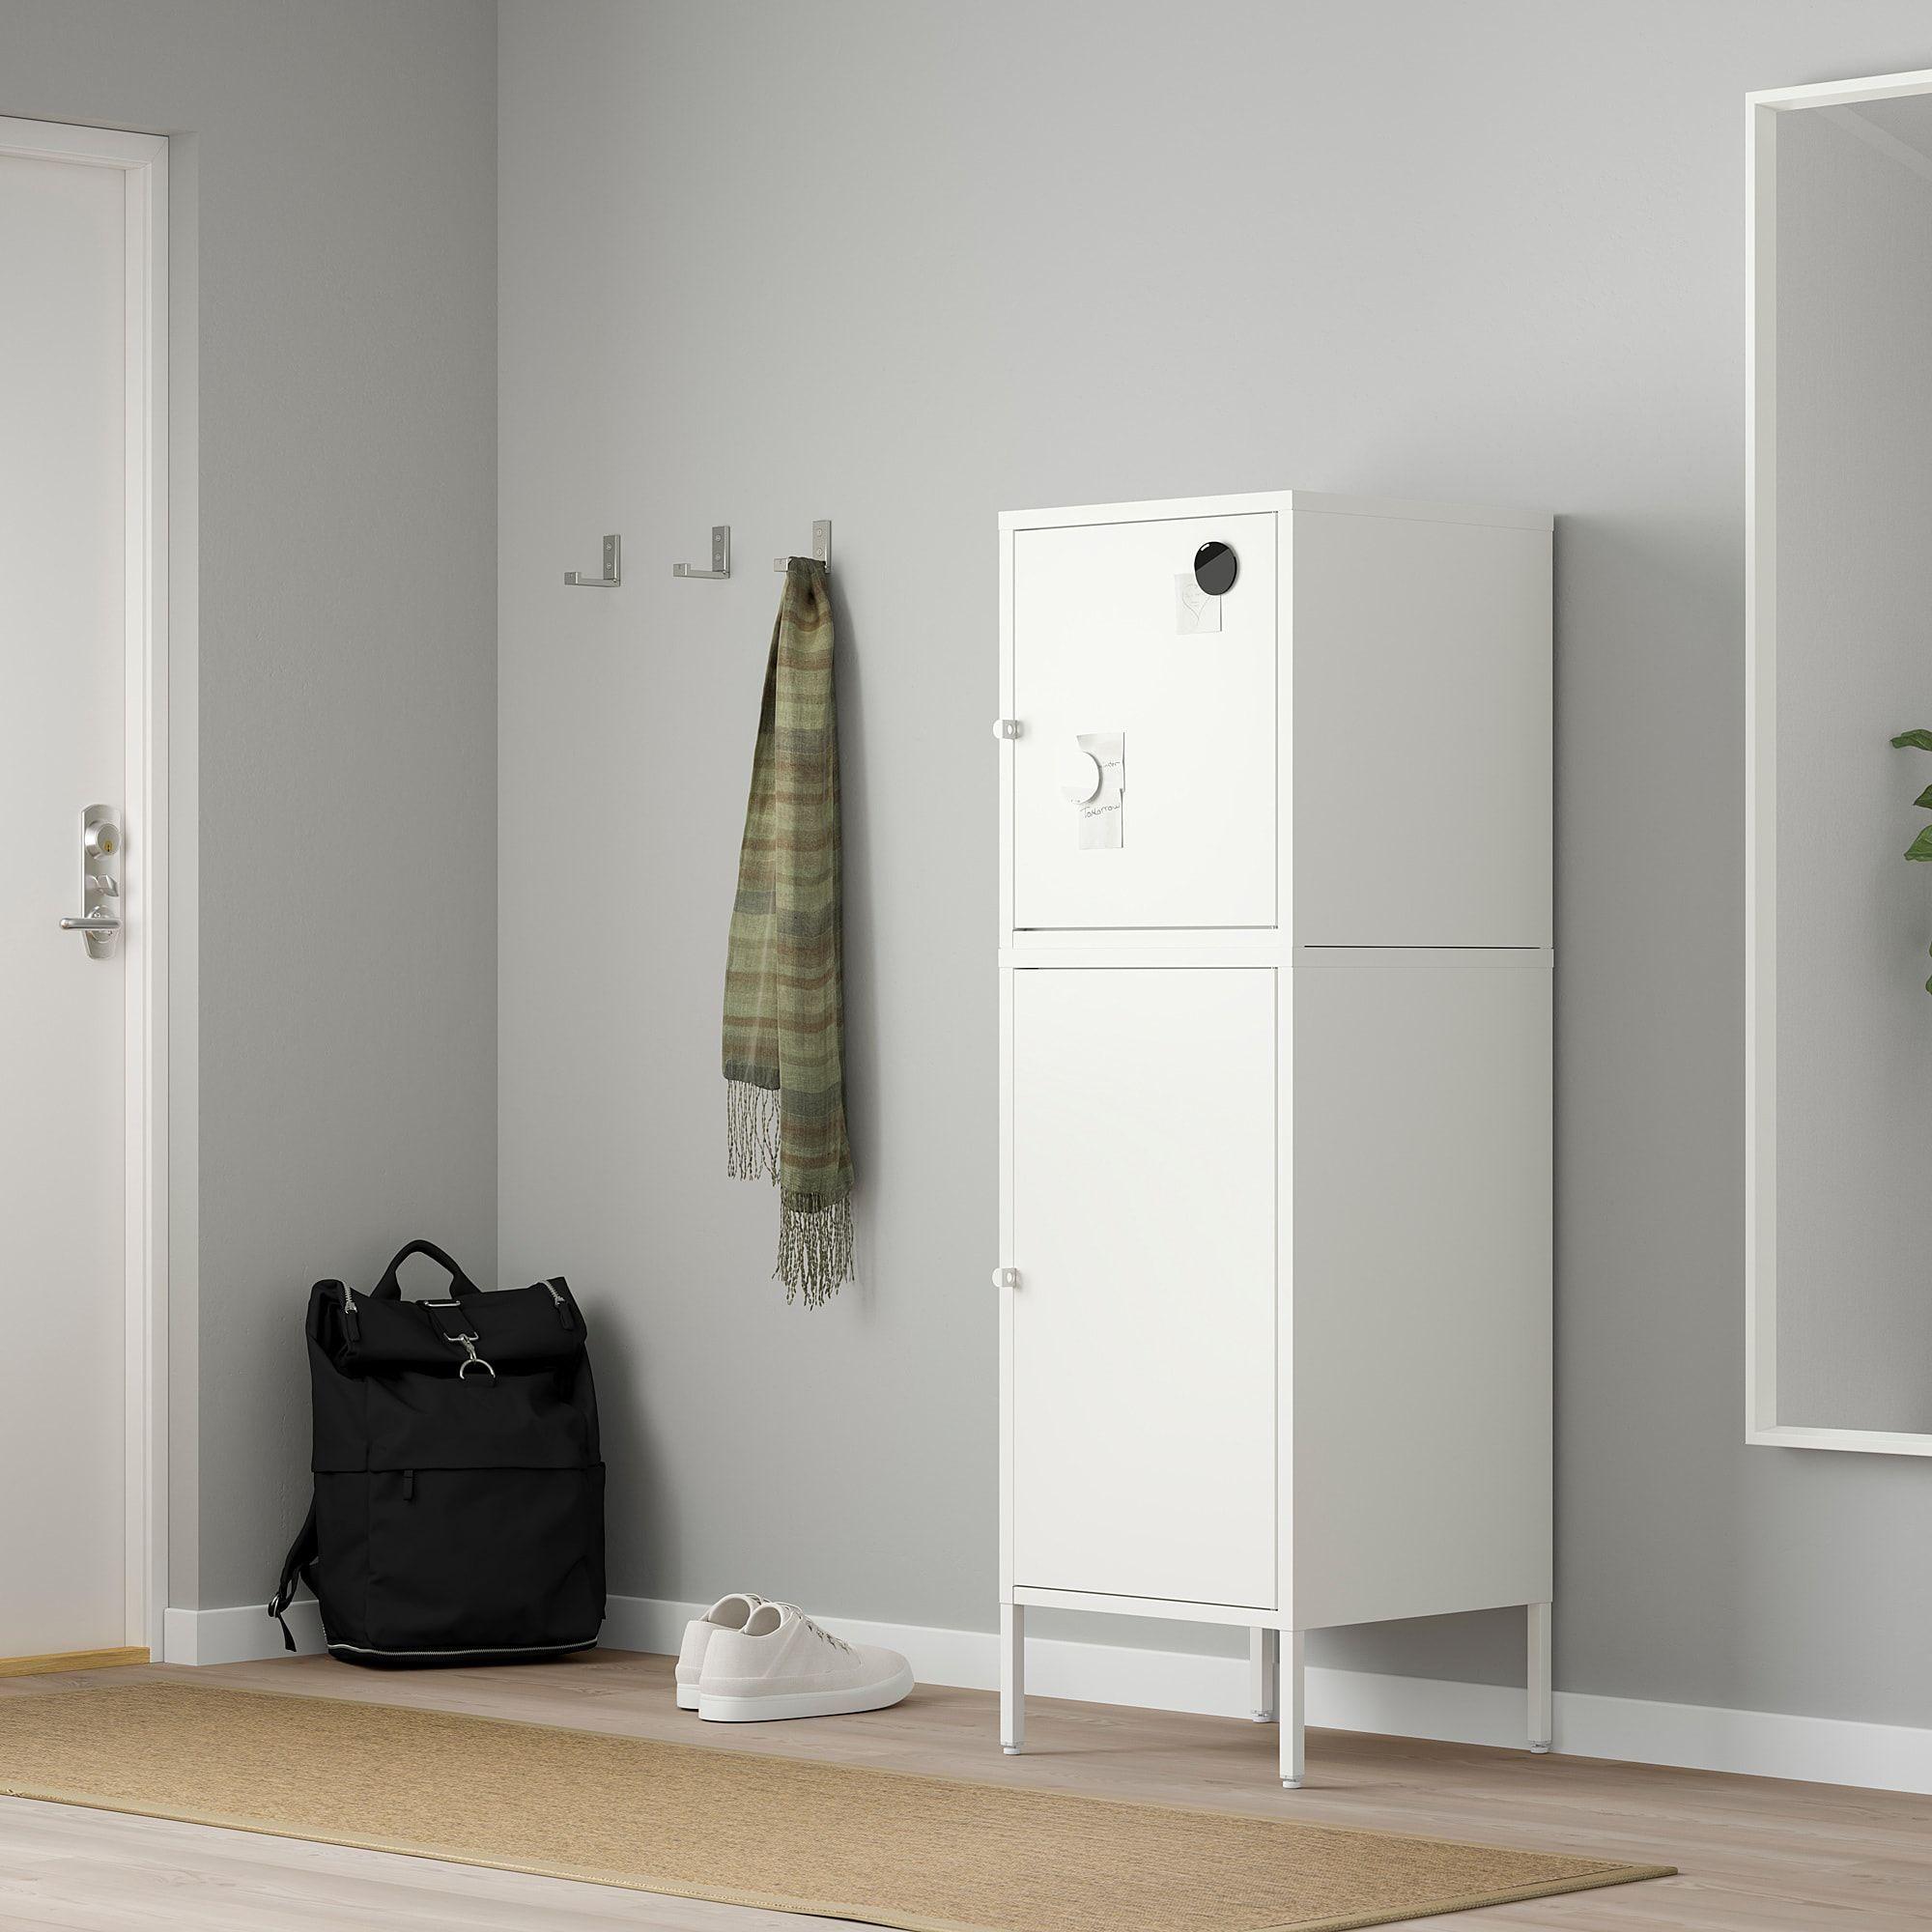 Armadio Con Lucchetto Ikea.Hallan Mobile Con Ante Bianco 45x47x142 Cm Ikea It Nel 2020 Organizzazione Delle Idee Idee Ikea Interni